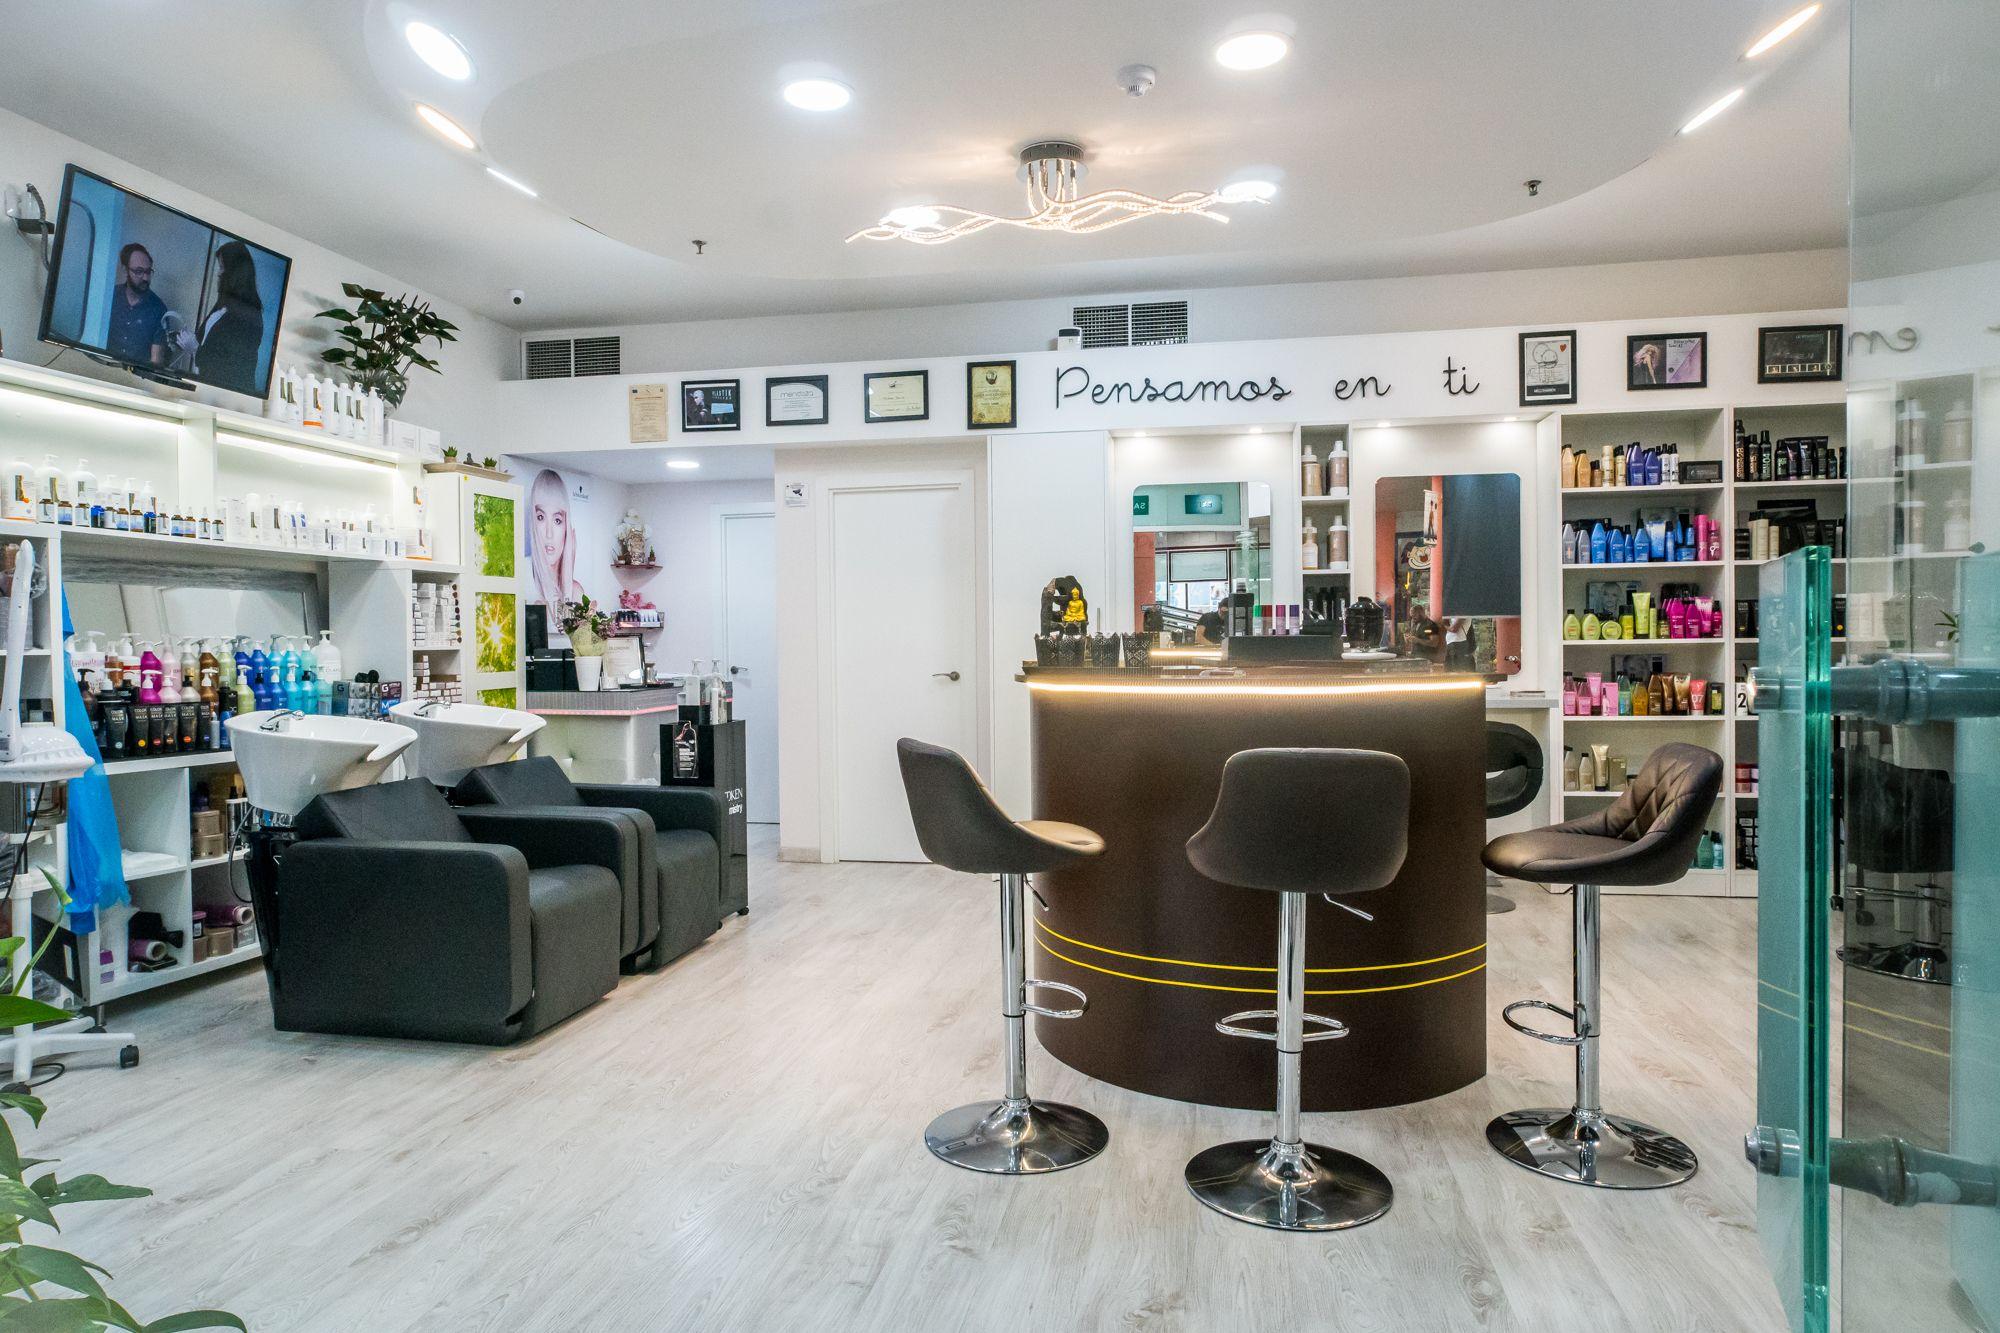 Foto 2 de Peluquería unisex con tratamientos capilares de excelente calidad en Maspalomas | Fusión Unisex Hairdressers